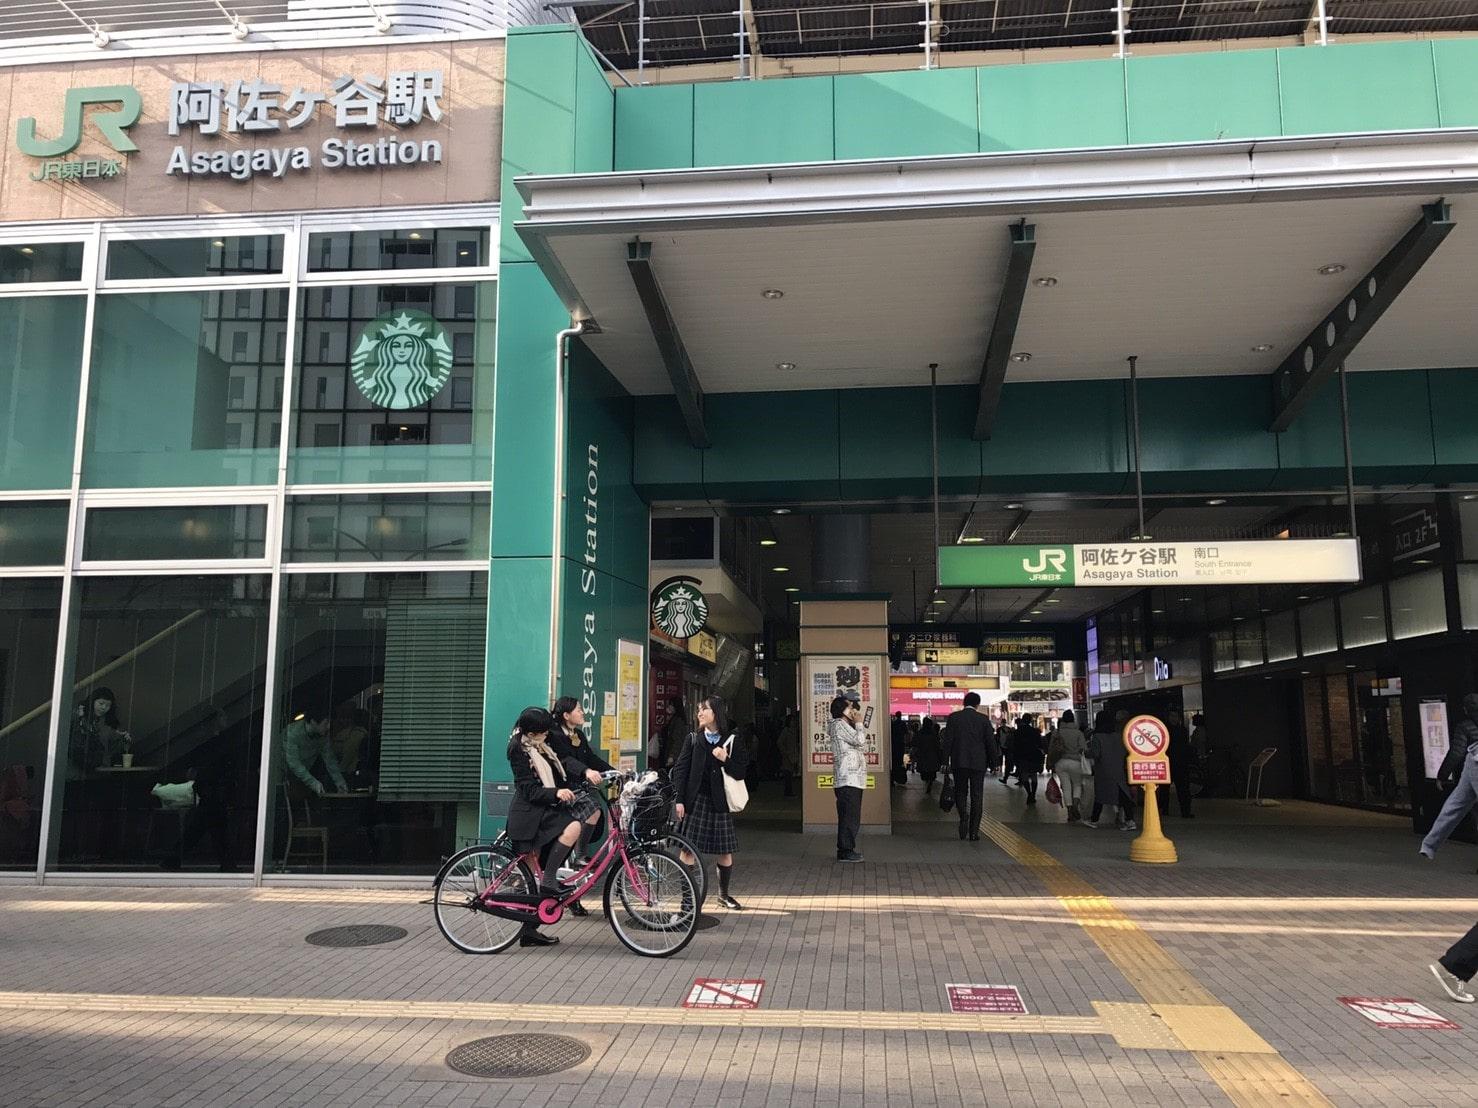 阿佐ヶ谷駅駅前の風景